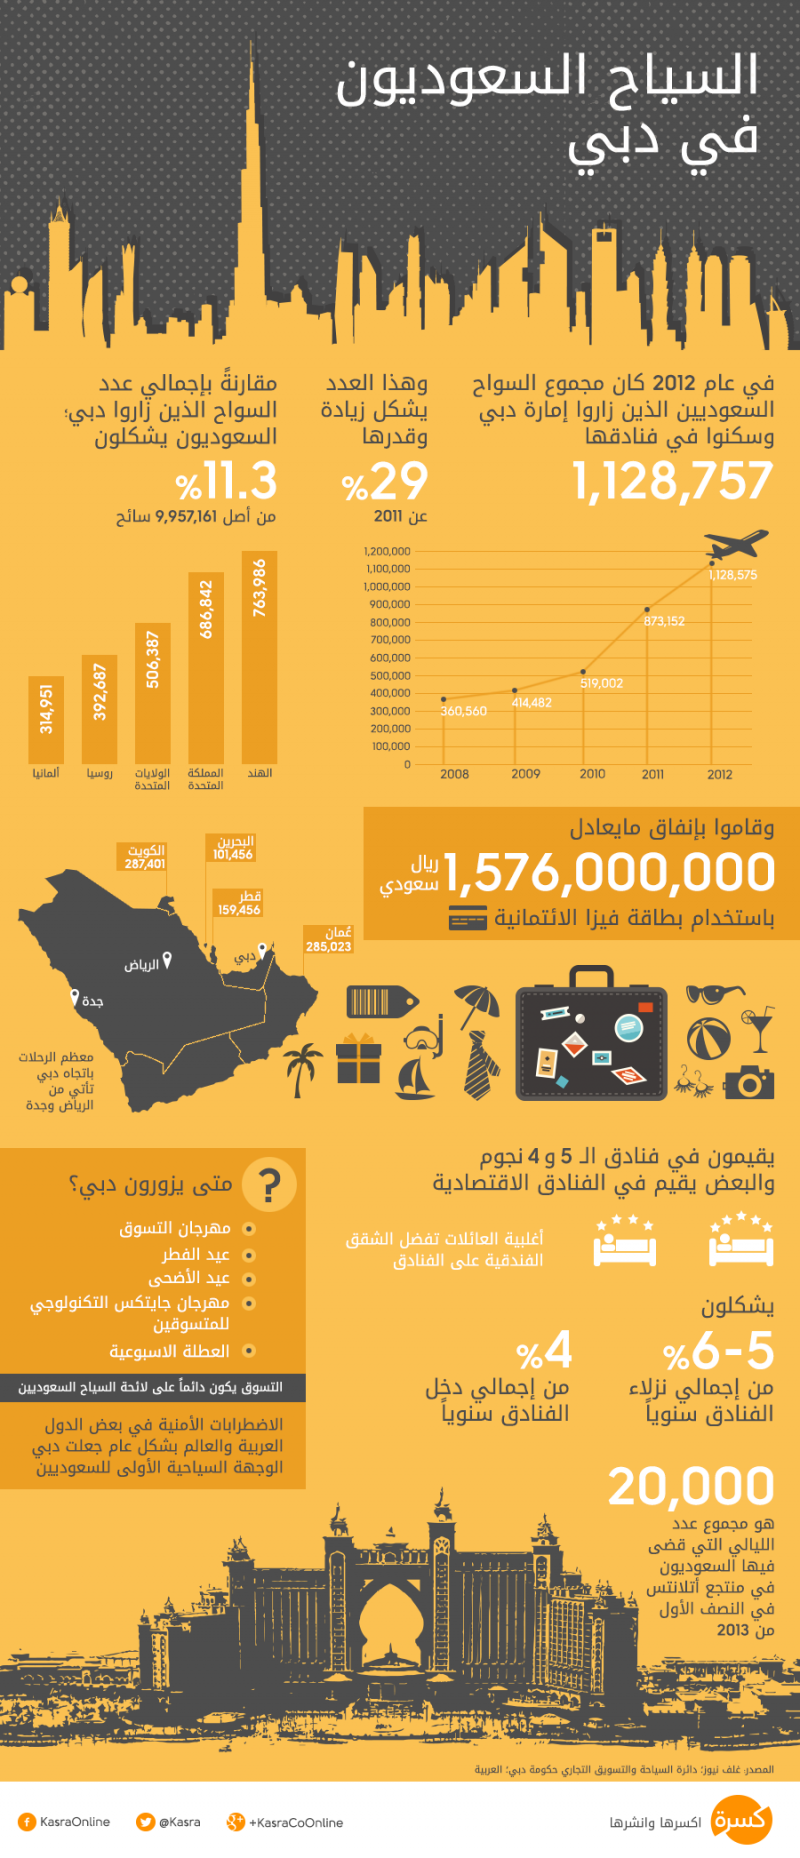 السياح السعوديون في #دبي #انفوجرافيك